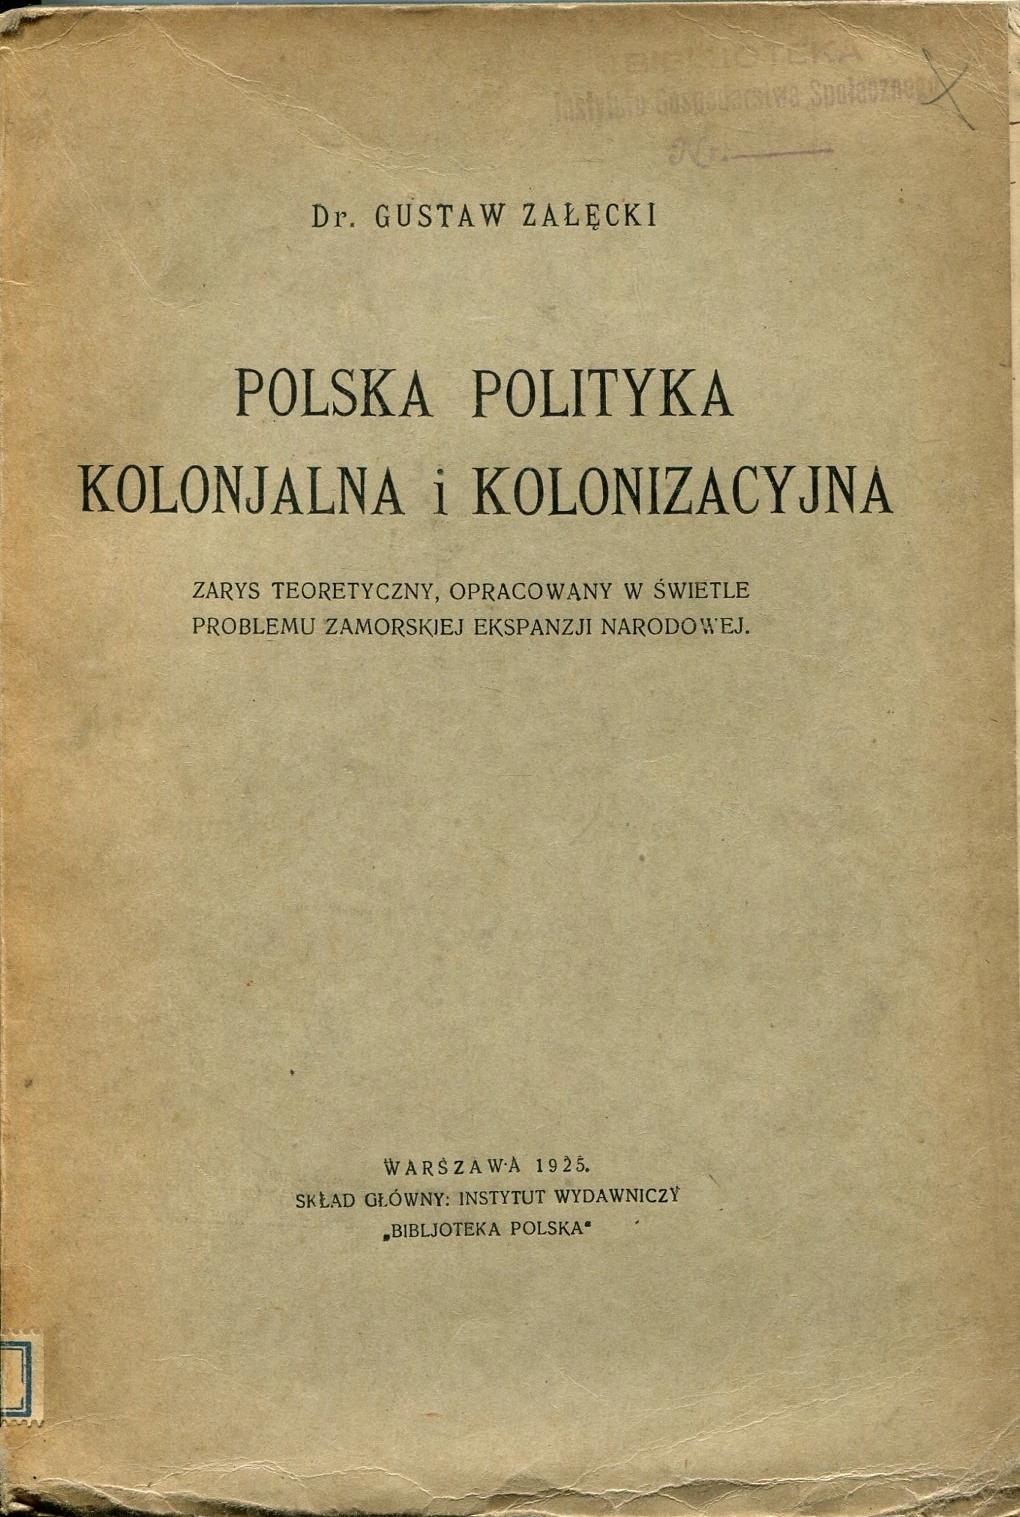 POLSKA POLITYKA KOLONIALNA Załęcki kolonializm